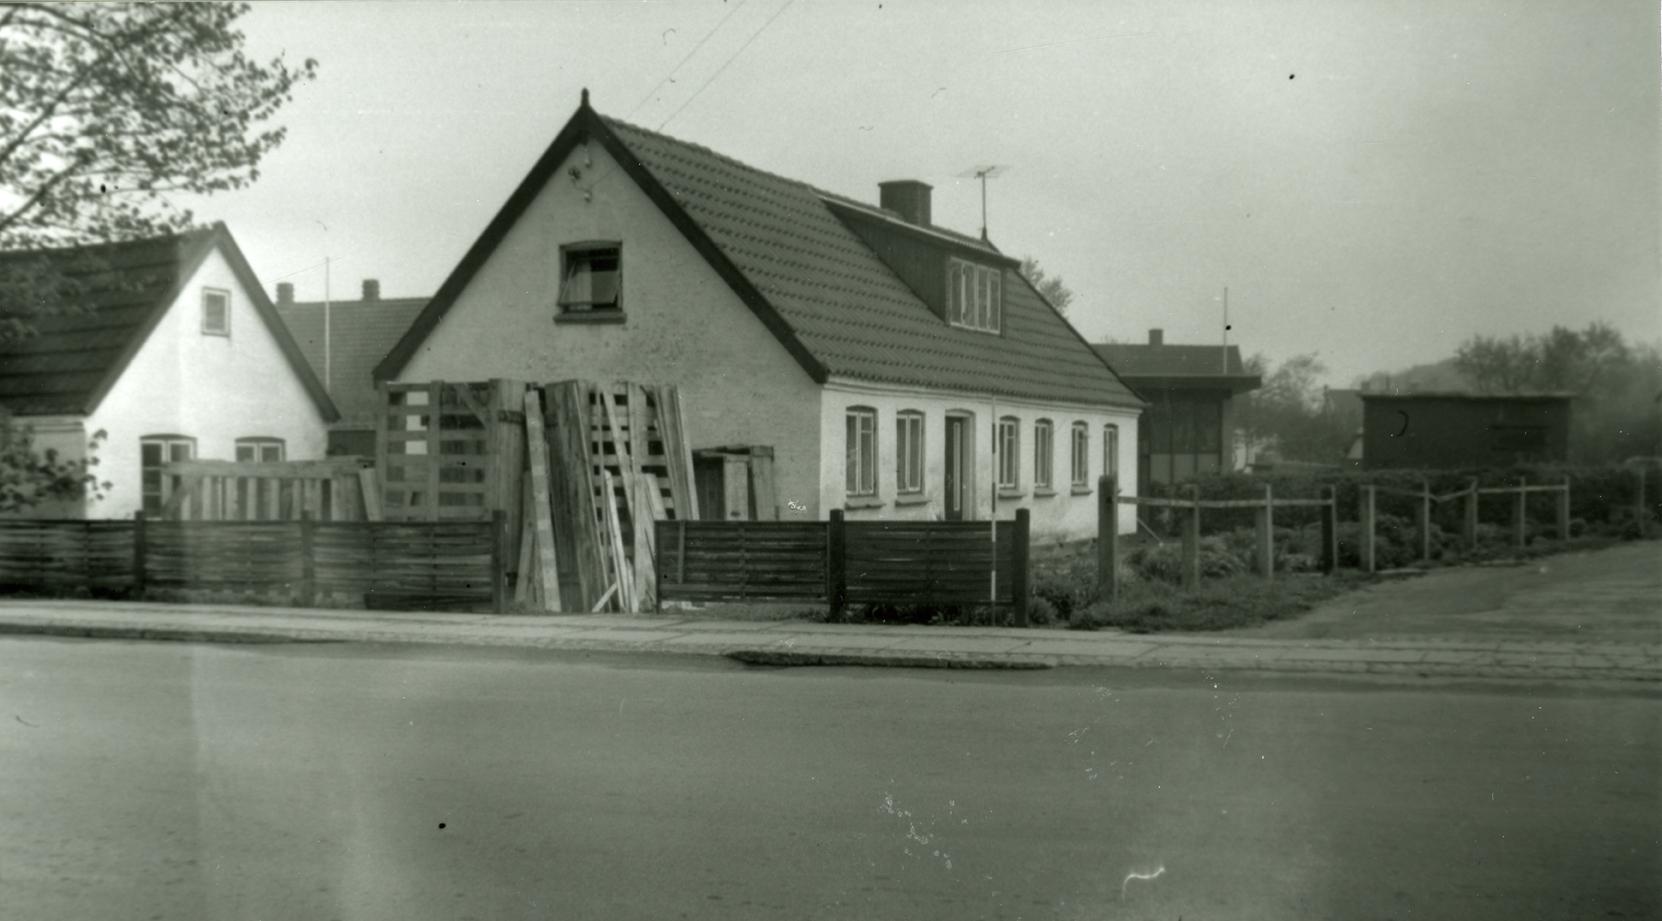 Billede 17 Østrupvej 117 udateret foto